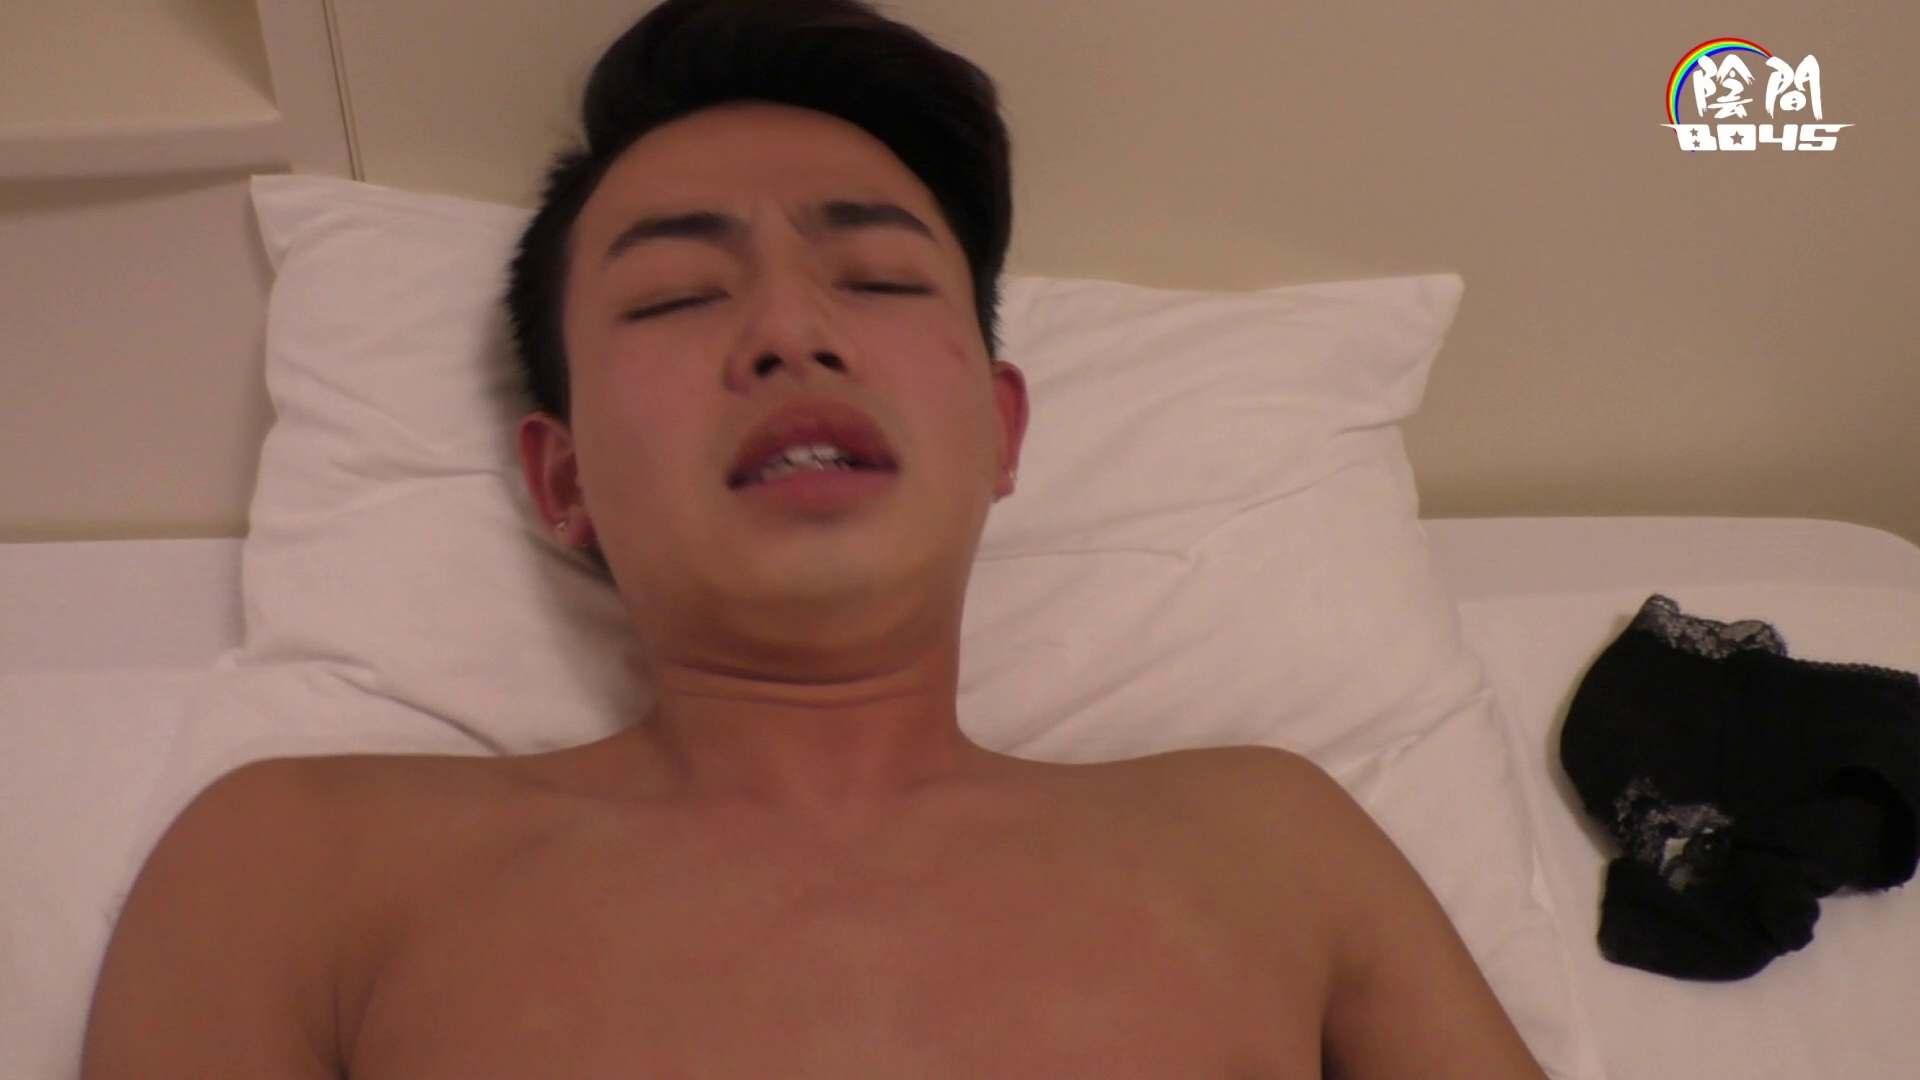 「君のアナルは」part2 ~ノンケの素顔~ Vol.09 お手で! ゲイ無修正動画画像 100pic 50